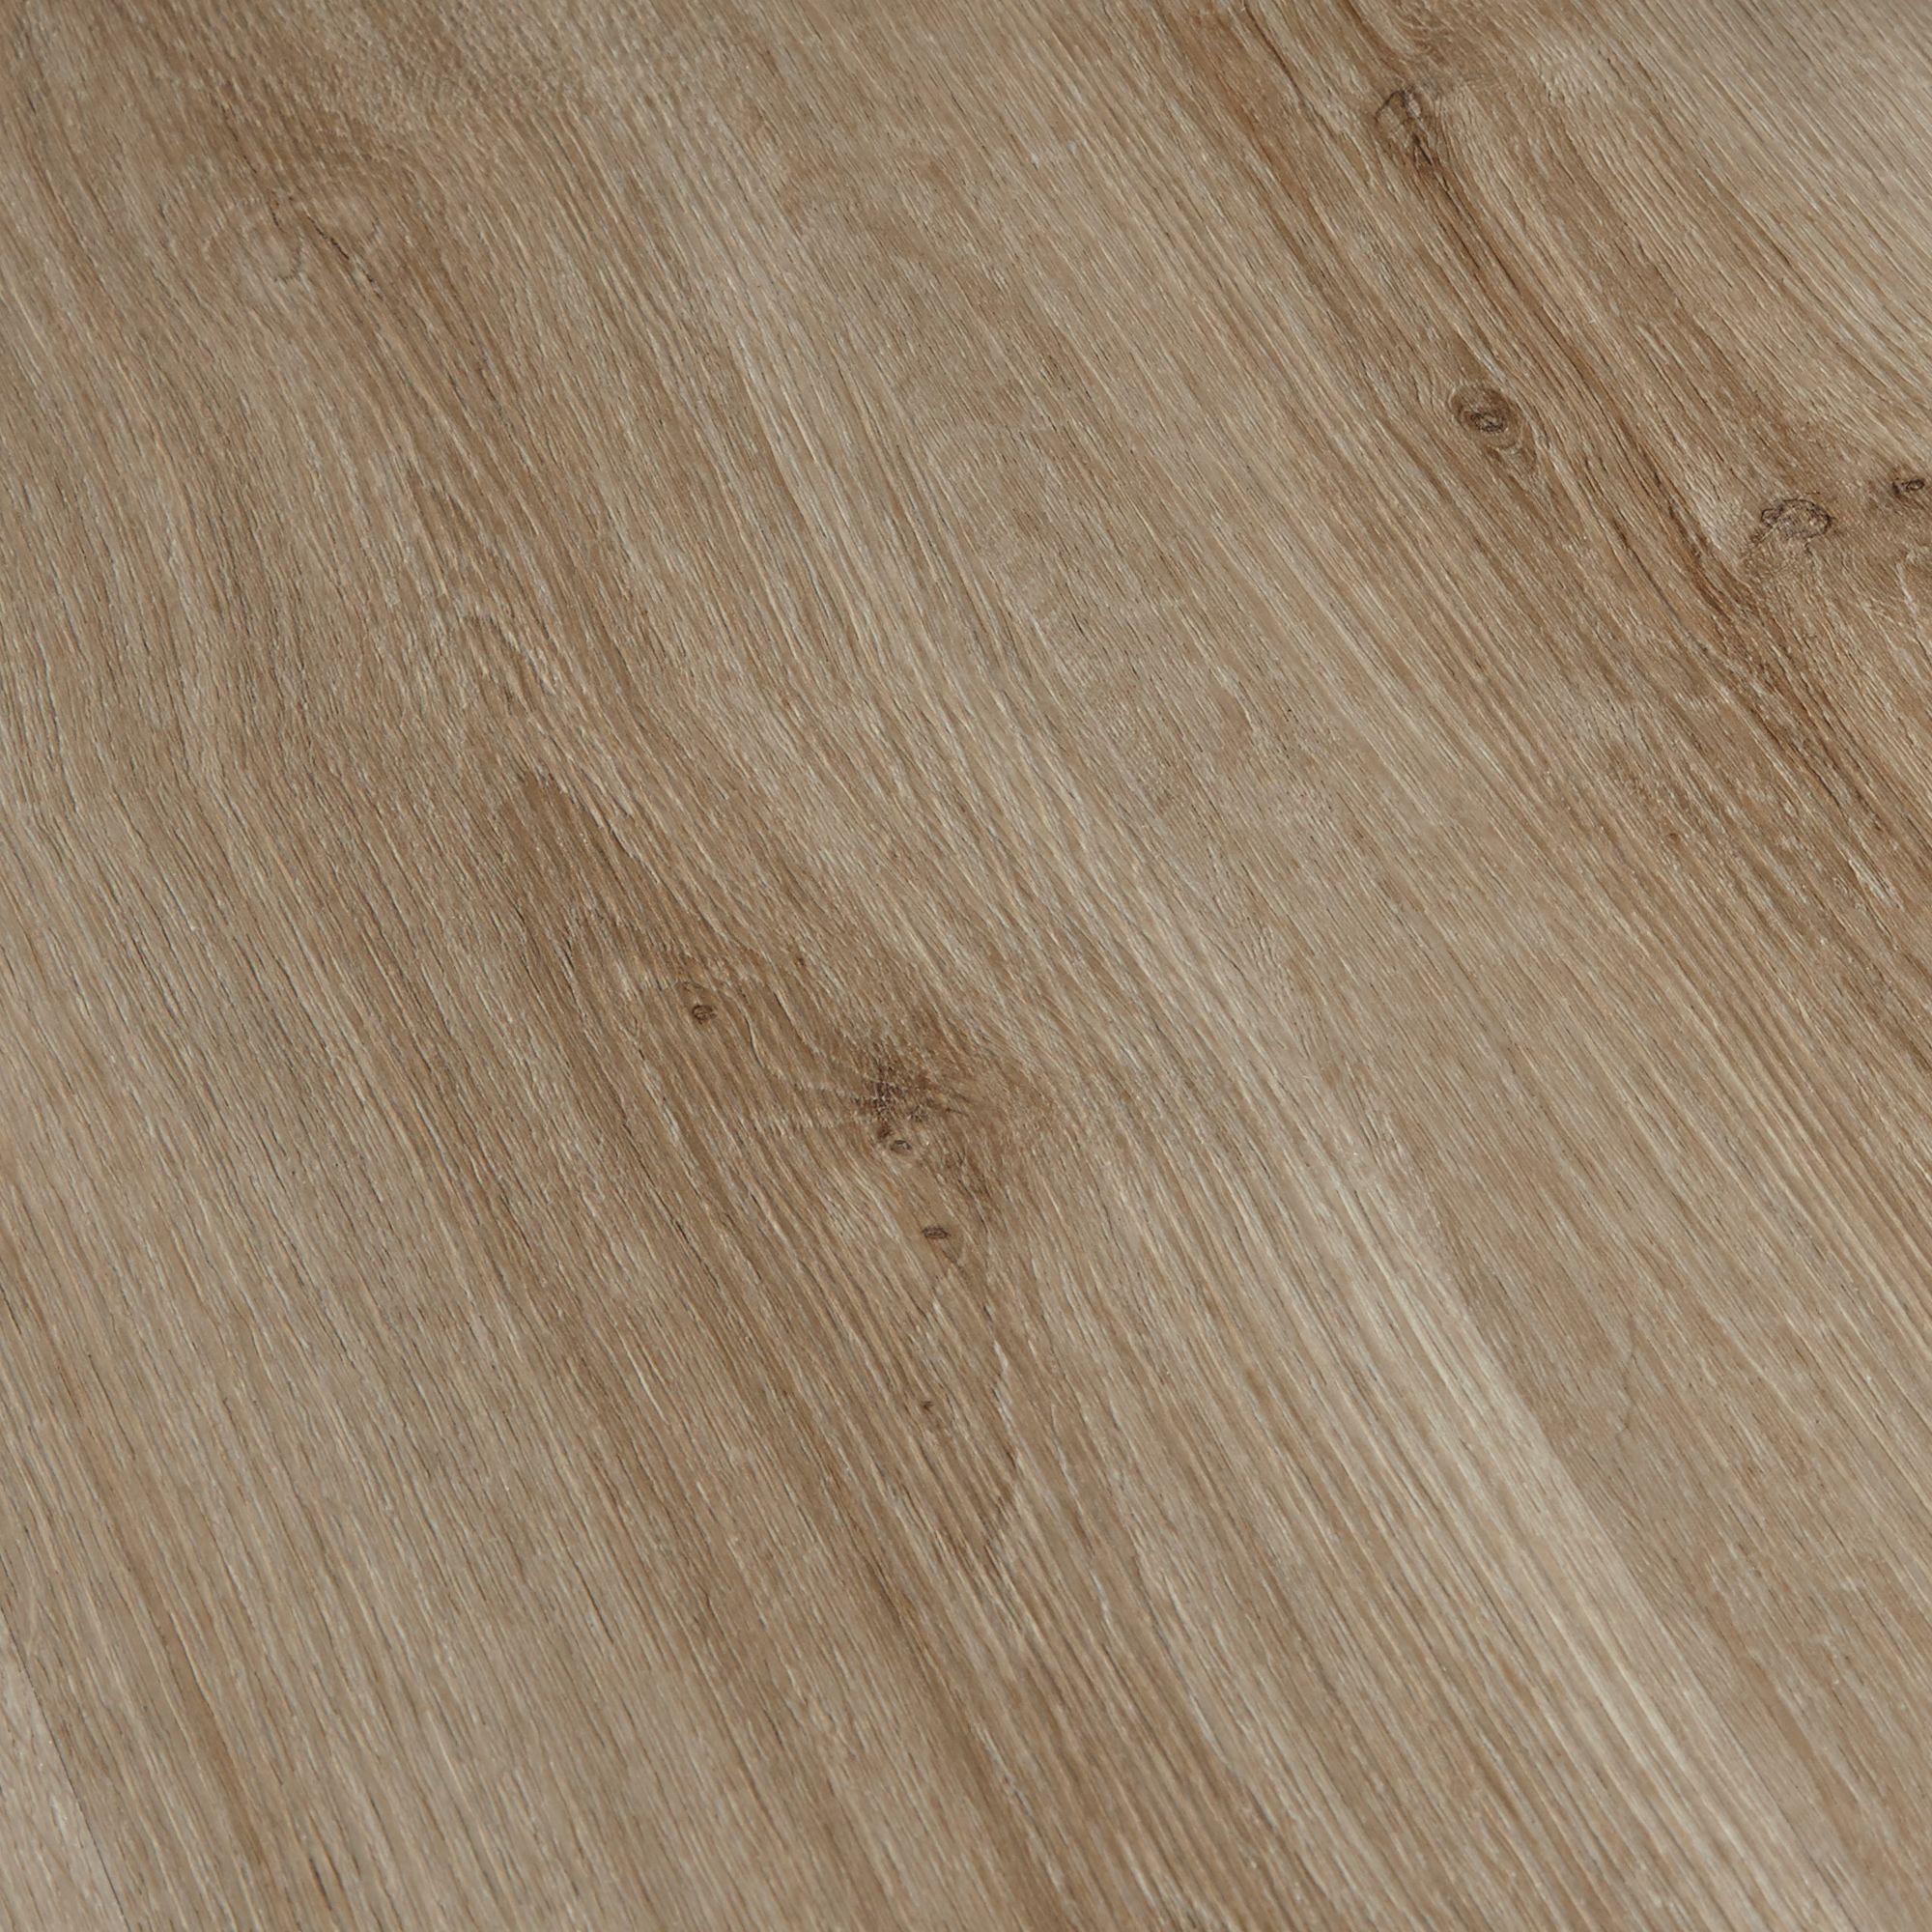 Colours Natural Oak Effect Luxury Vinyl Click Plank